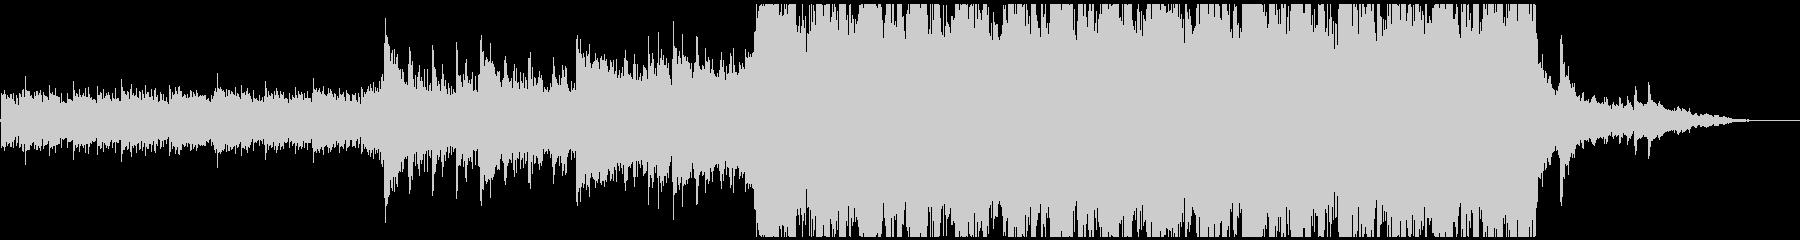 Horizon VIIIの未再生の波形